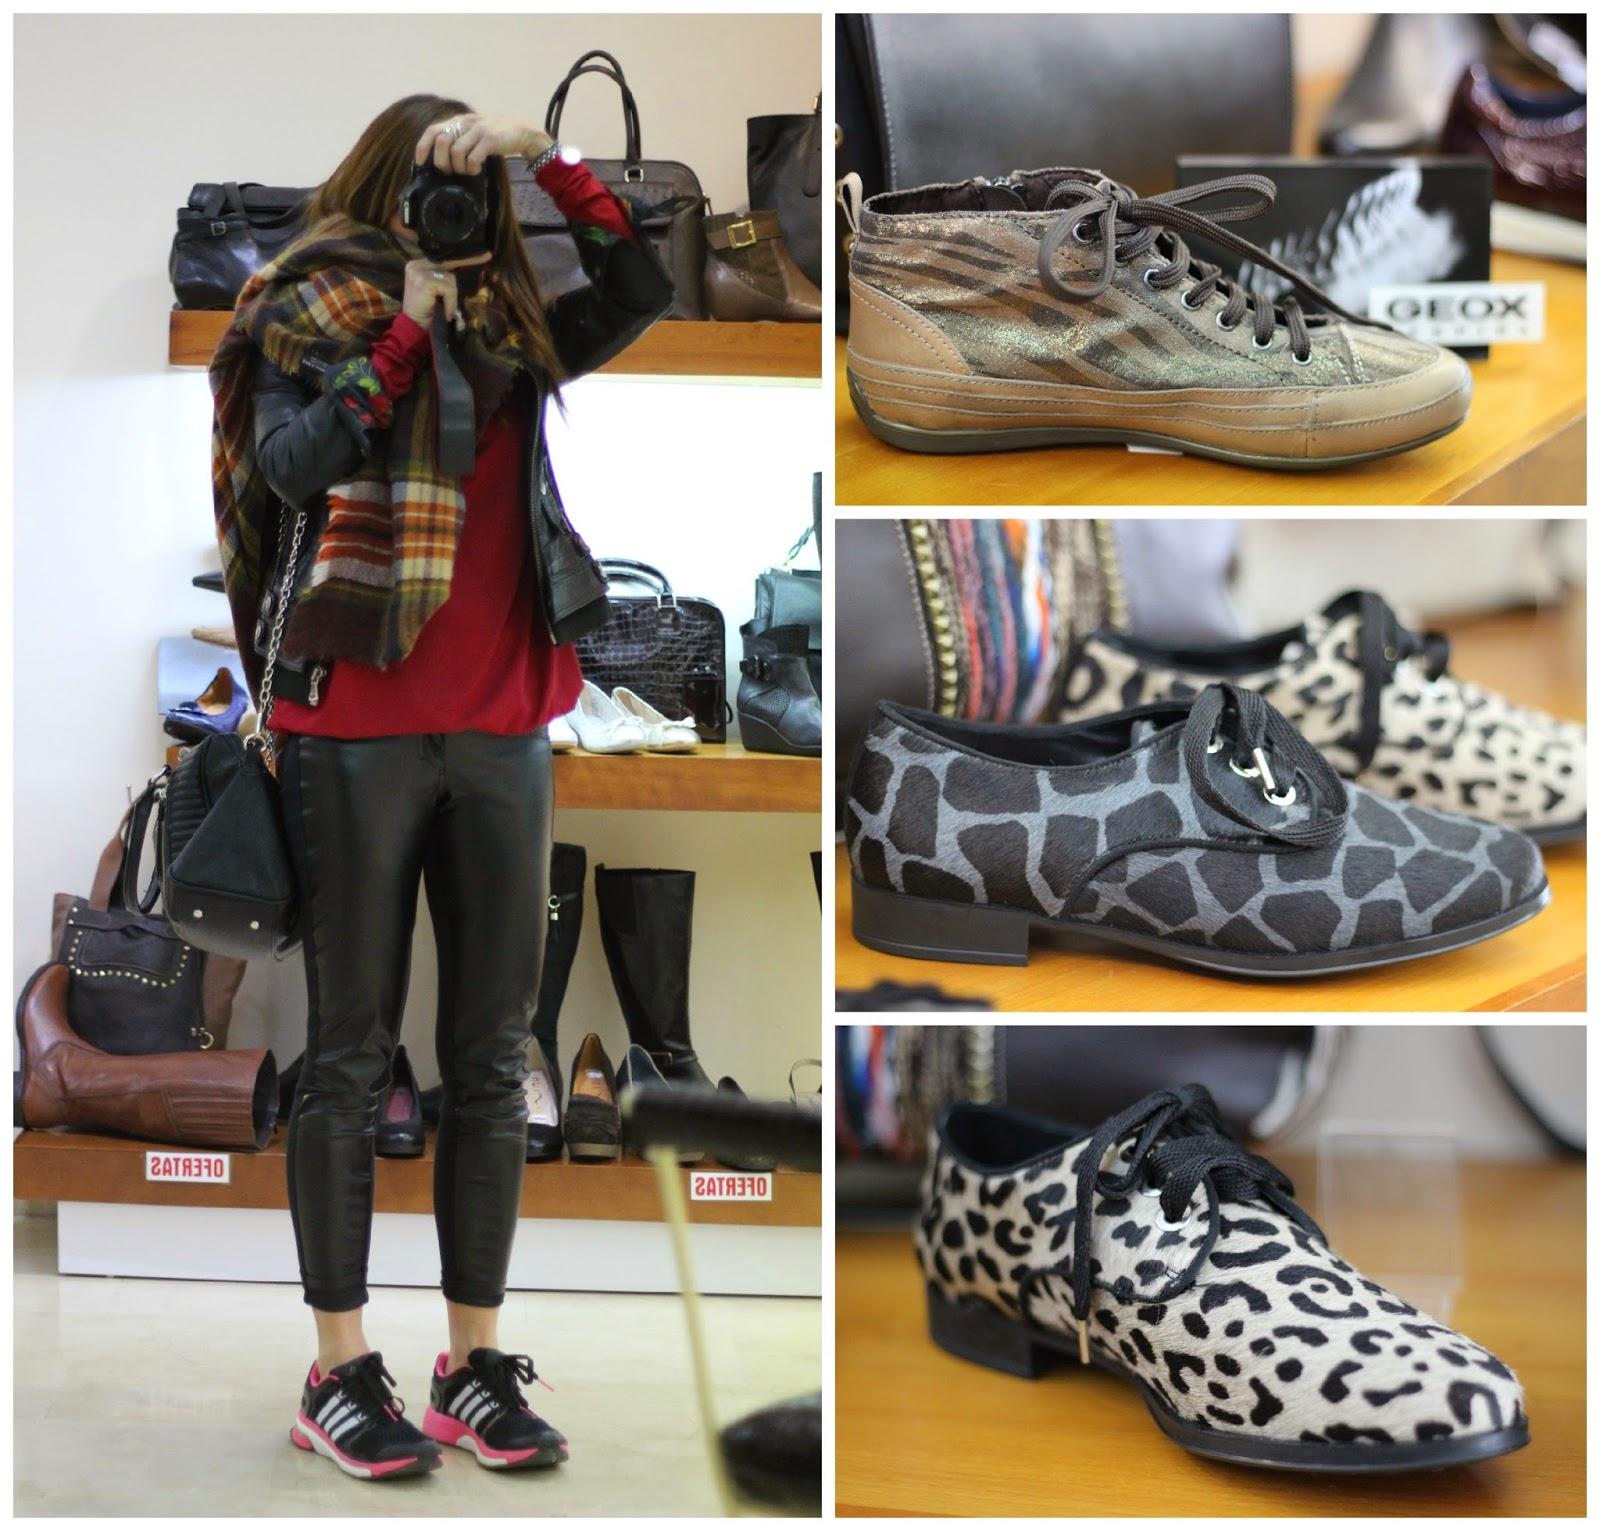 Tienda Calzado - Guardamar del Segura - Marcas calzado - Manuela Romano - Shopping Guardamar